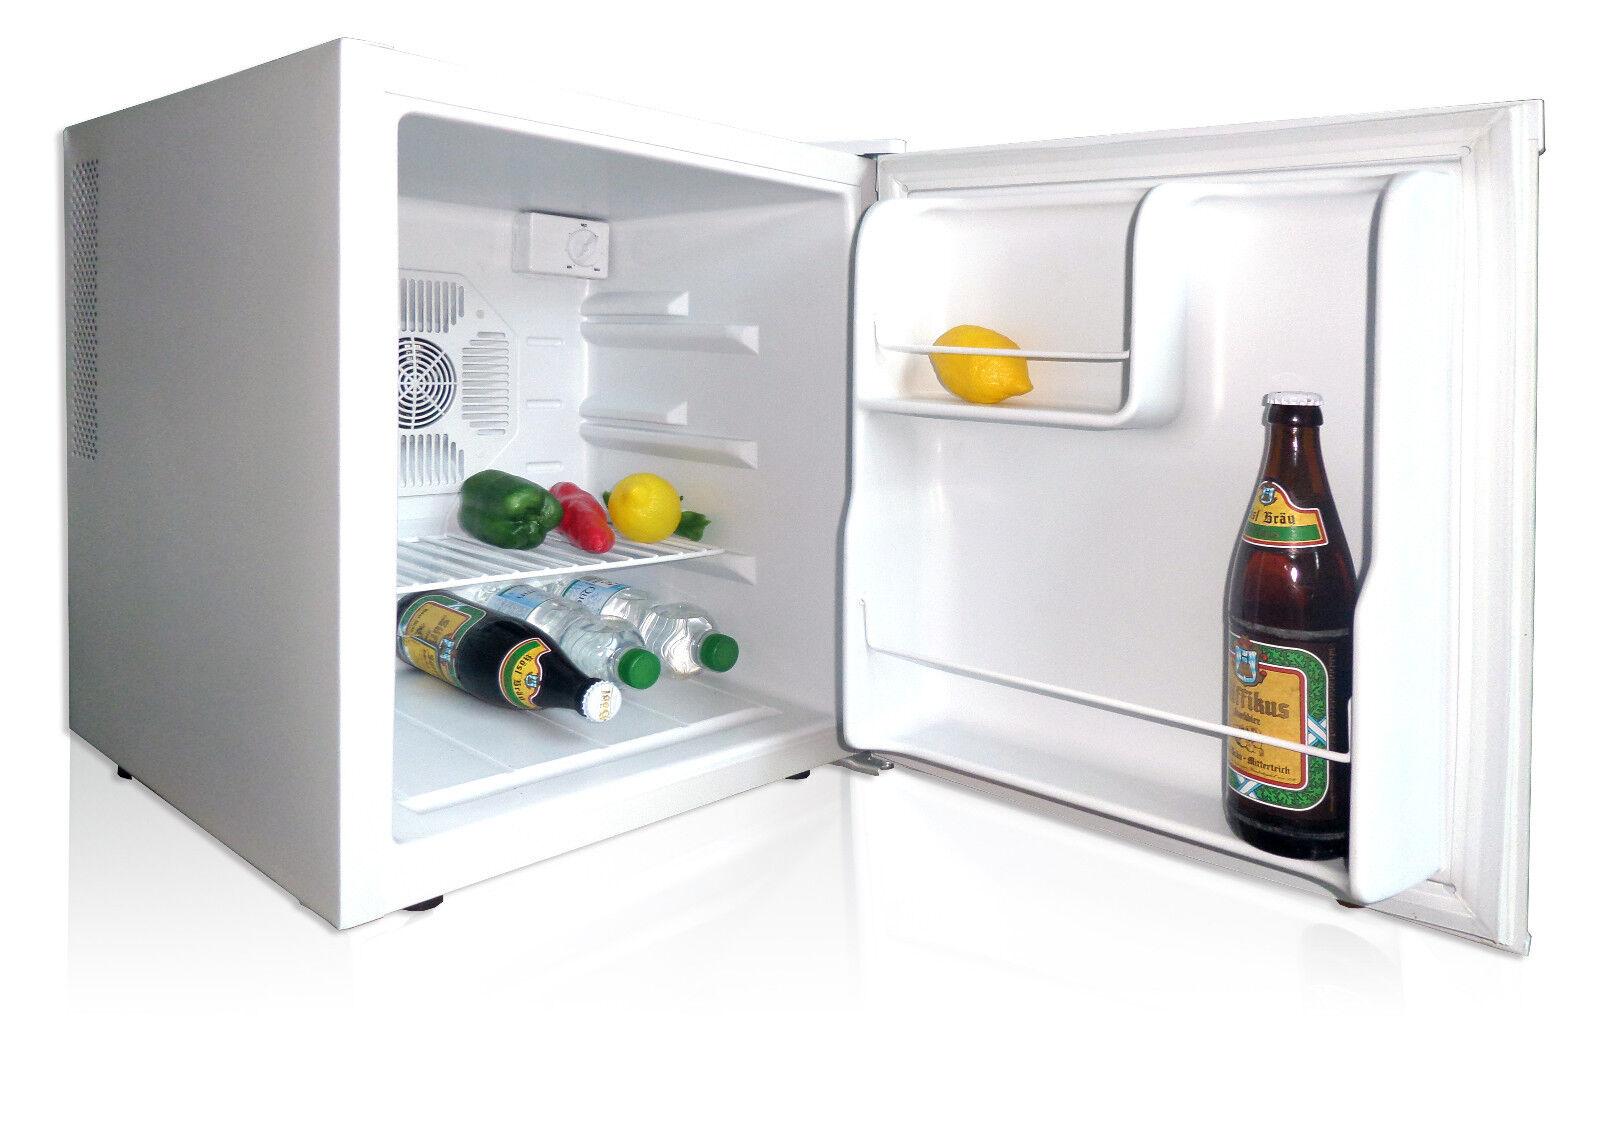 Mini Kühlschrank Für Camping : ᐅ mini kühlschrank im test ⇒ bestenliste testsieger